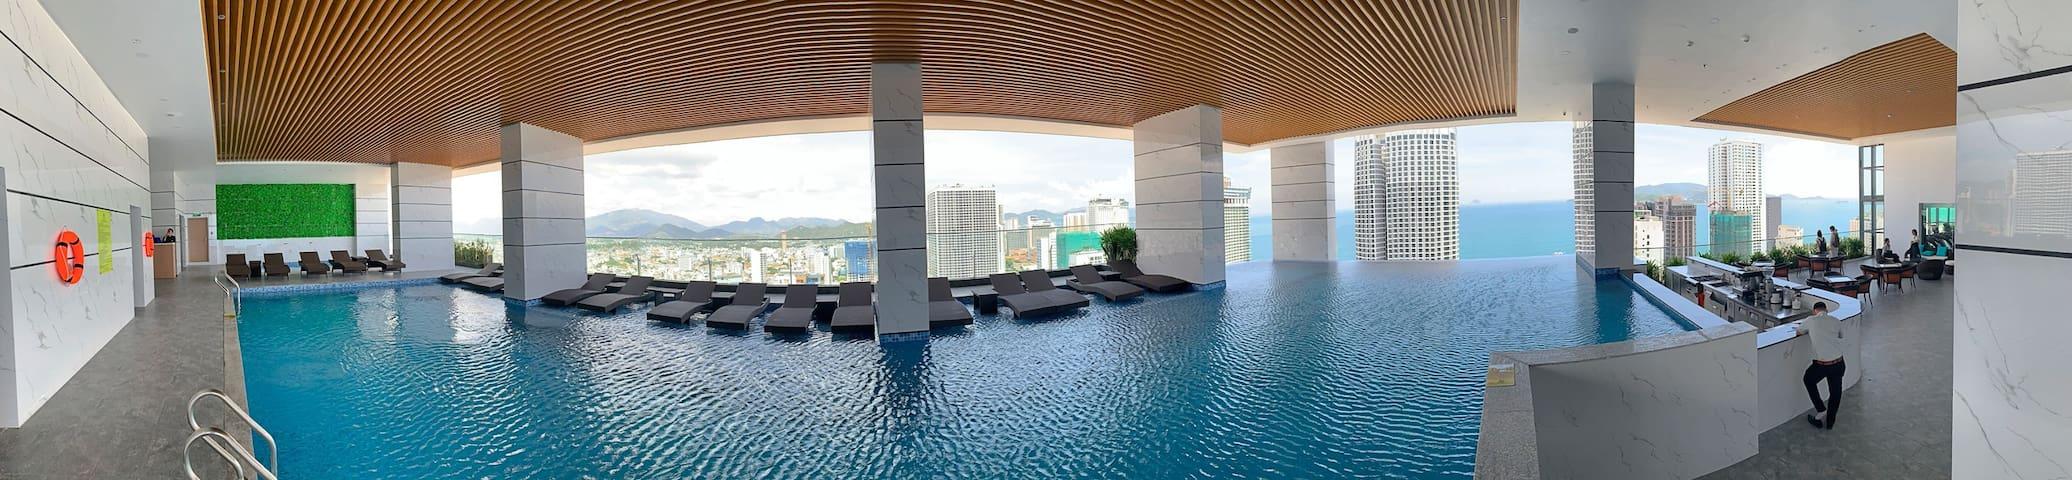 NEW! Cozy2BR@36th floor@Virgo hotel